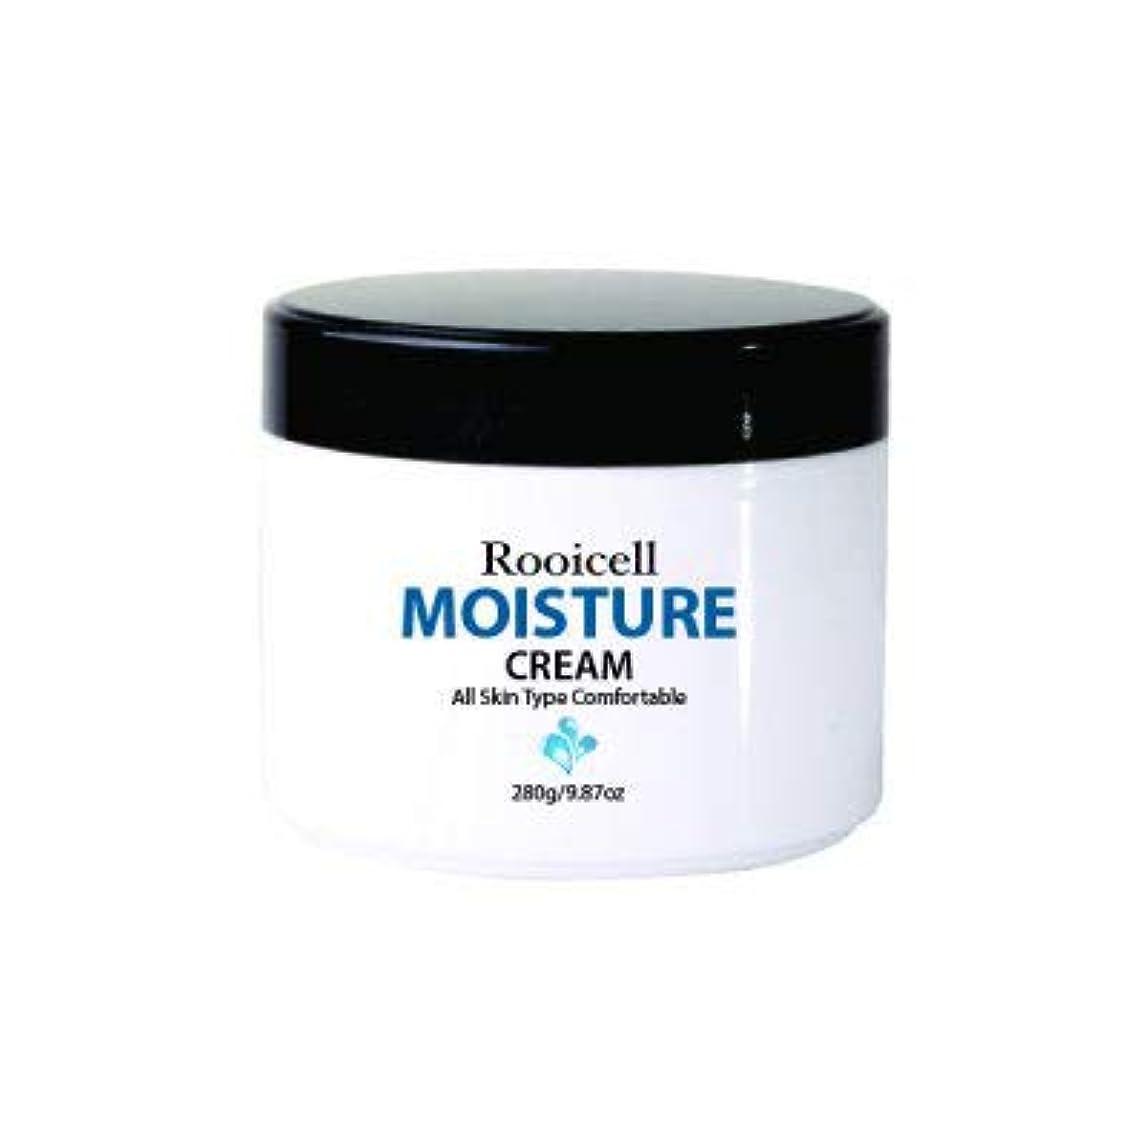 チャーミング仕出します説得力のある[ Rooicell ] ルイセル モイスチャークリーム 280g Korea cosmetic (moisture cream 280g)